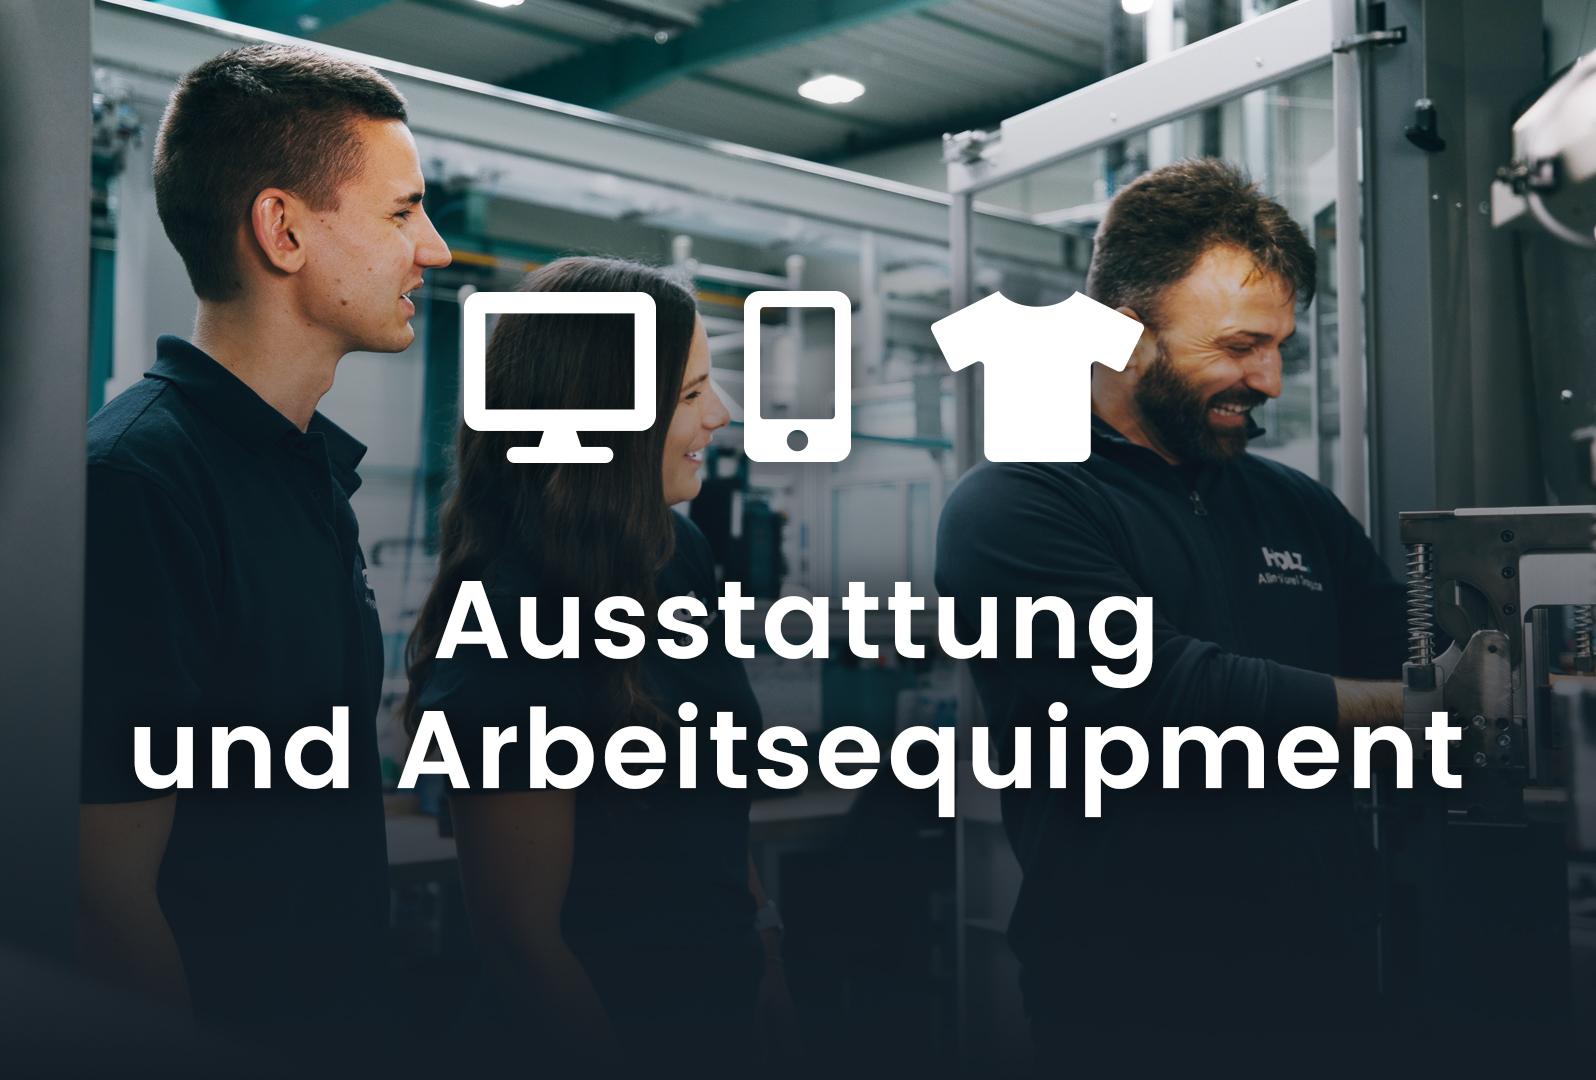 Ausstattung und Arbeitsequipment